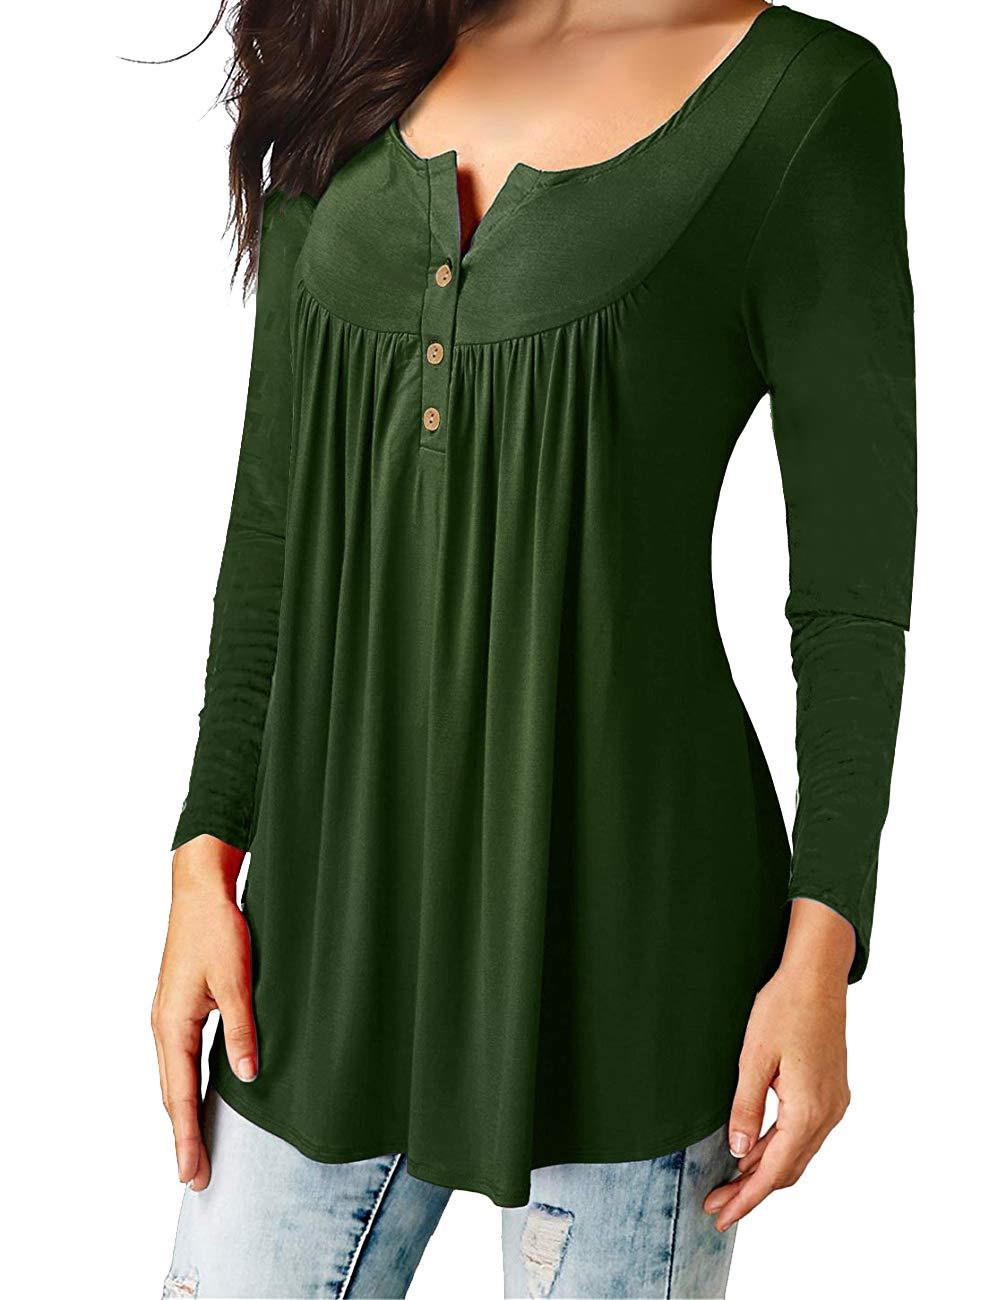 Eanklosco Camisetas Cuello en V Casual Manga Larga para Mujer (Verde, L/ES 46-48)